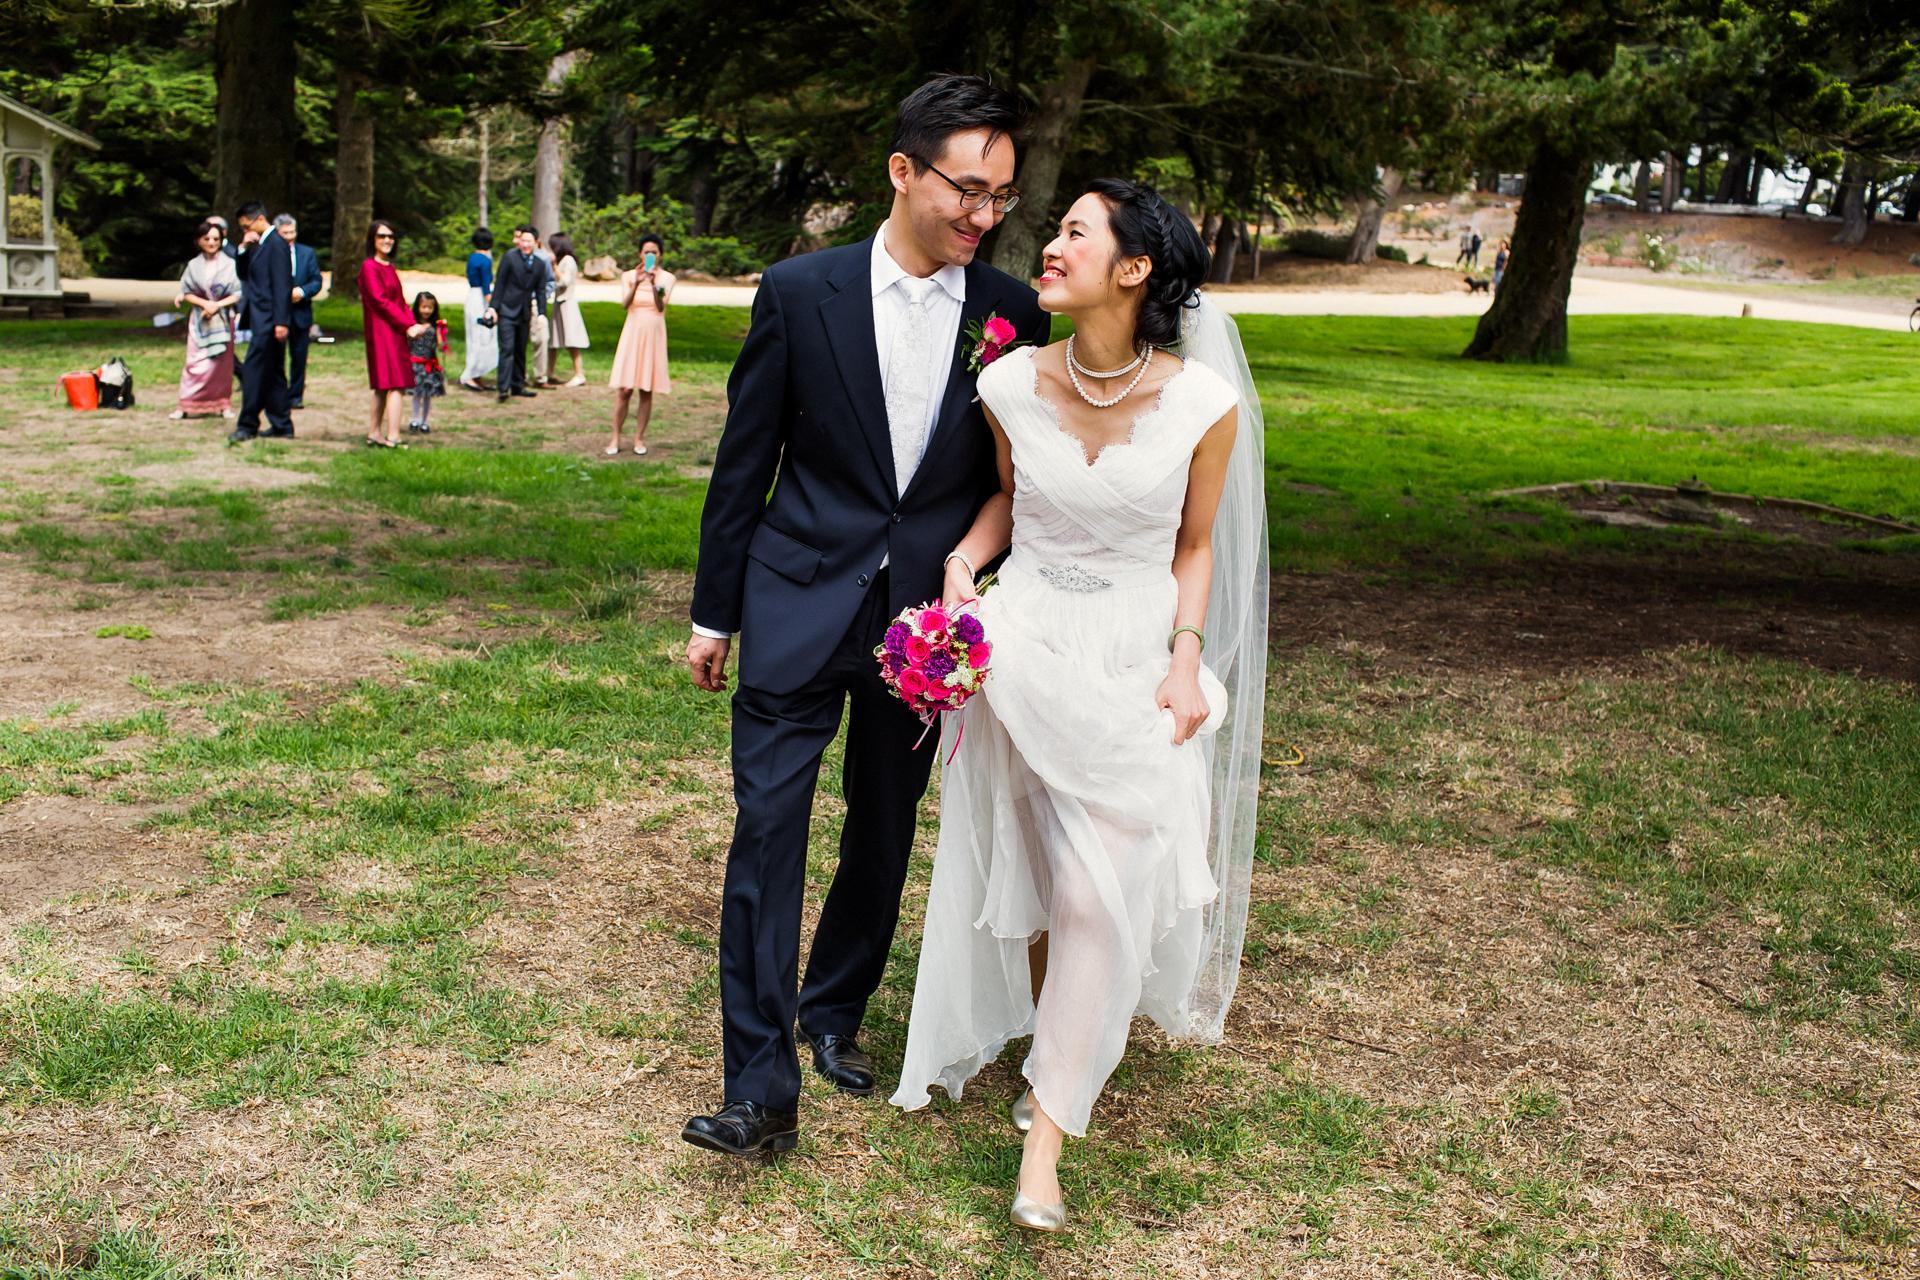 SF, Kalifornien Elopement Paar erschossen | Nach der Zeremonie gehen die beiden zusammen weg, während ihre Gäste zuschauen